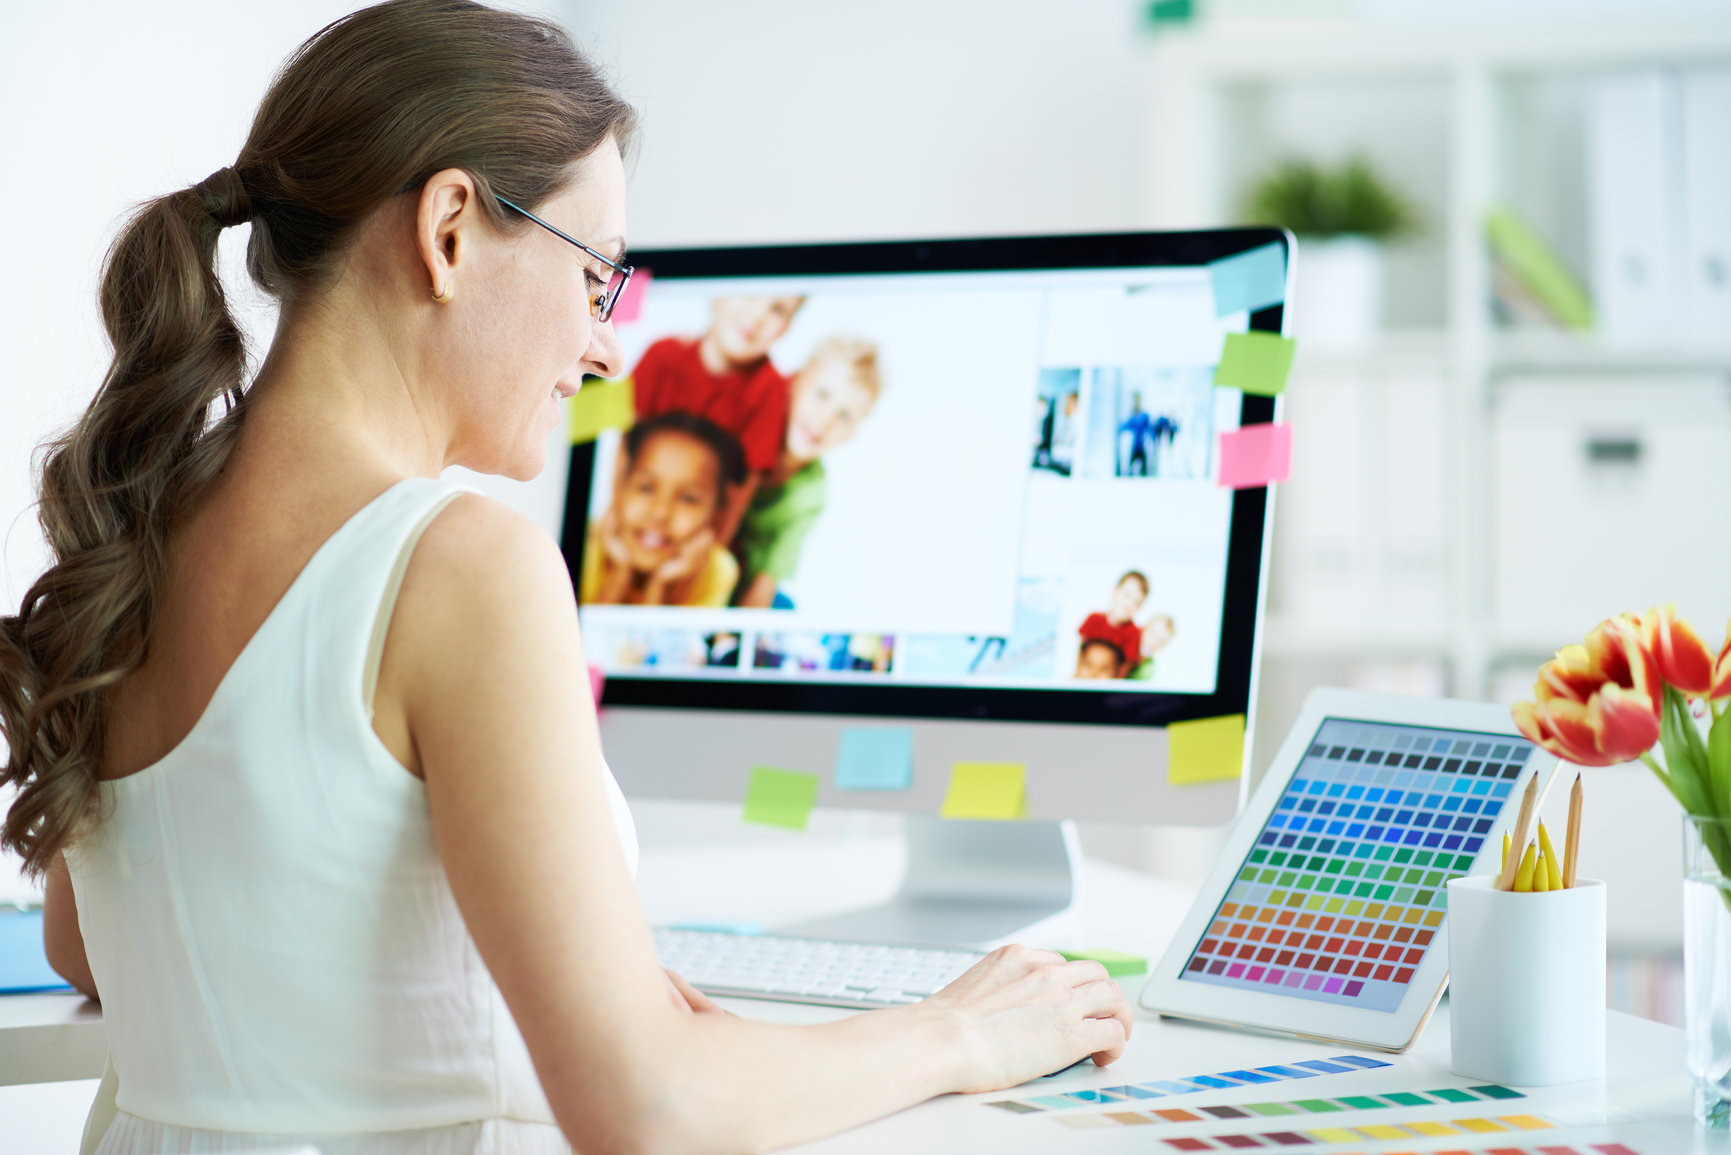 Для продвинутых пользователей всегда есть возможность заняться ВЭБ дизайном и программированием. Такие сотрудники сейчас очень востребованы